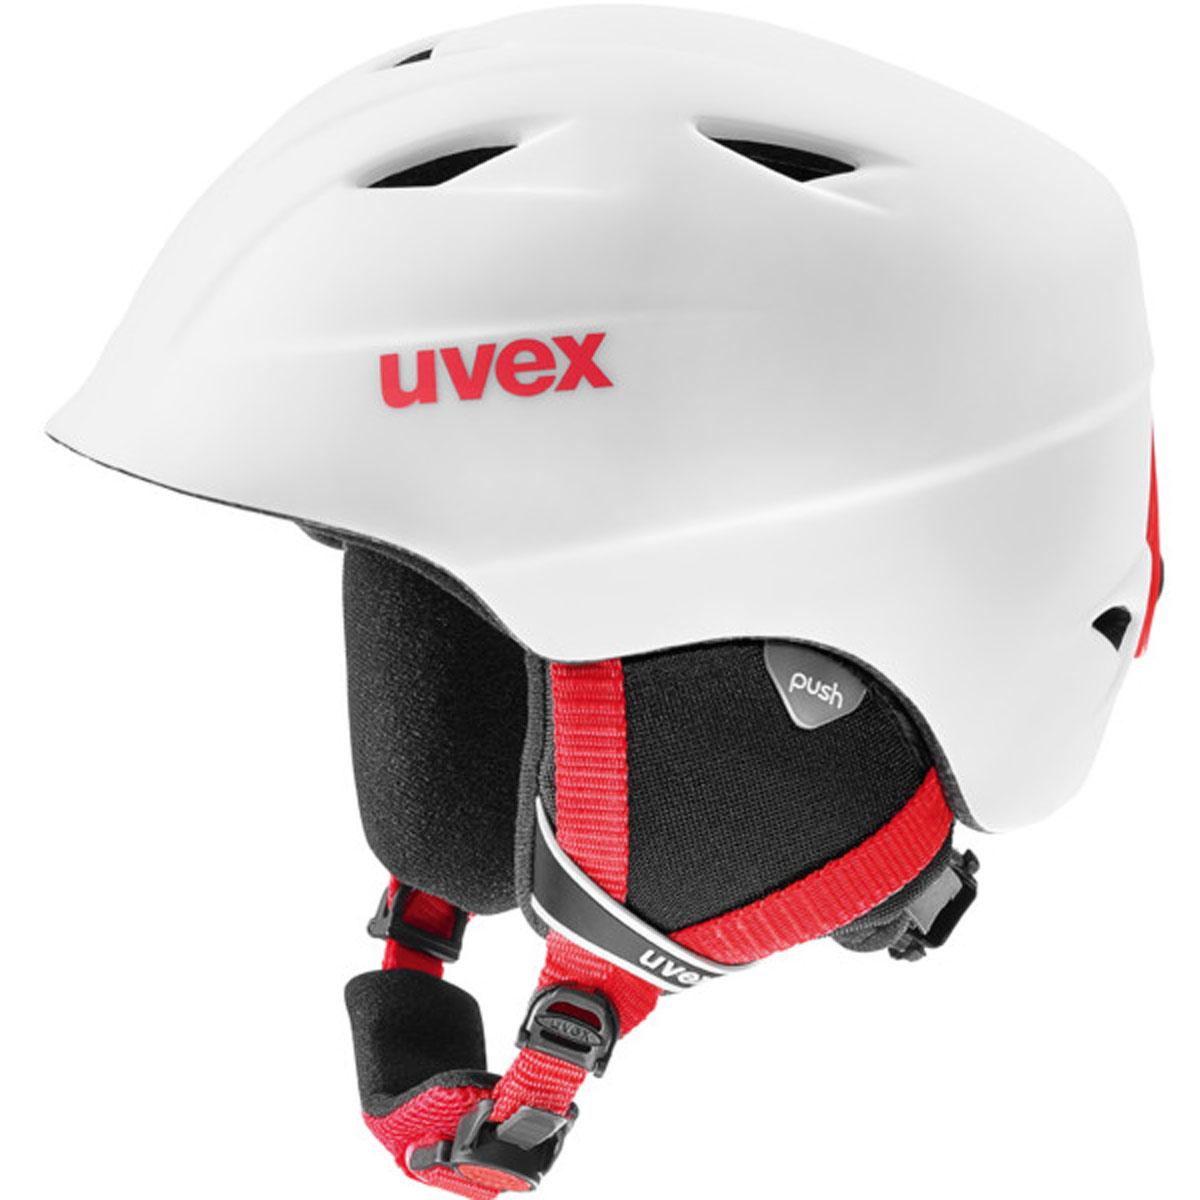 Шлем горнолыжный Uvex Airwing 2 Pro Kids Helmet, цвет: белый, красный матовый. Размер XS6132Детский шлем Uvex Airwing 2 обеспечит юному лыжнику максимальный комфорт на склоне. В модели предусмотрены система вентиляции, съемная защита ушей и фиксатор стрэпа маски. Система индивидуальной подгонки размера IAS и застежка Monomatic позволят надежно закрепить шлем на голове. Подкладка выполнена из гипоаллергенного материала.